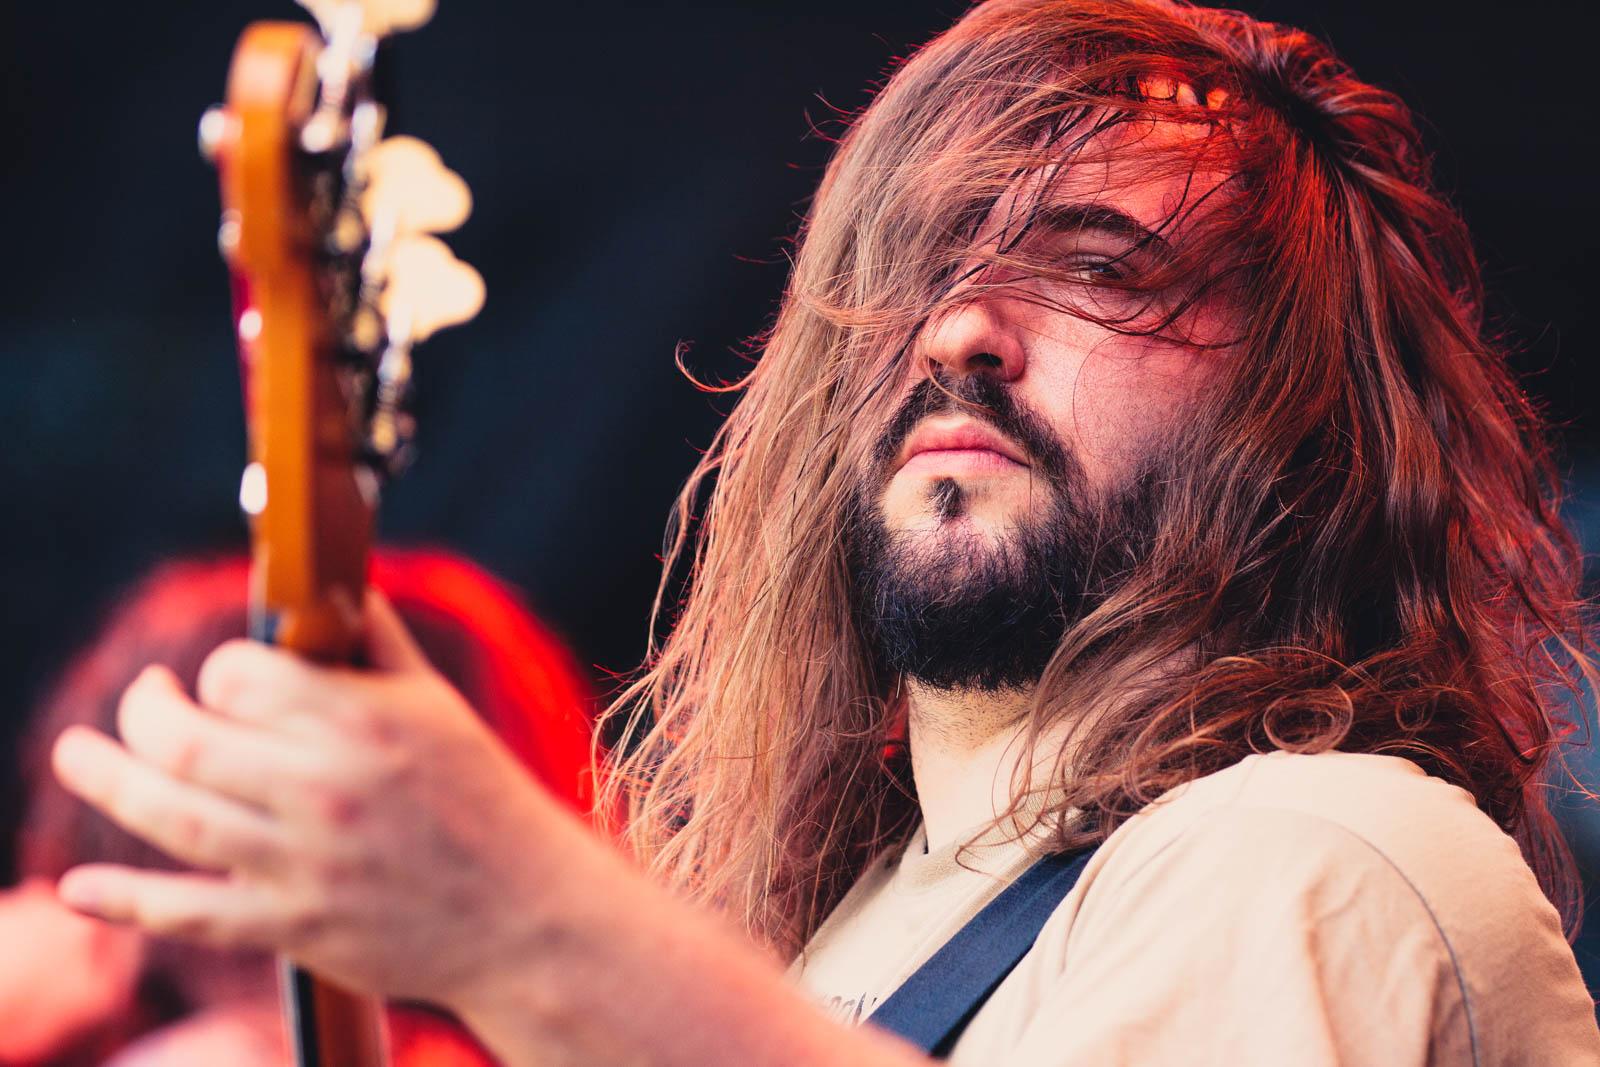 Bassist bei einem Live Aufritt 2014, die langen Haare verdecken das Gesicht